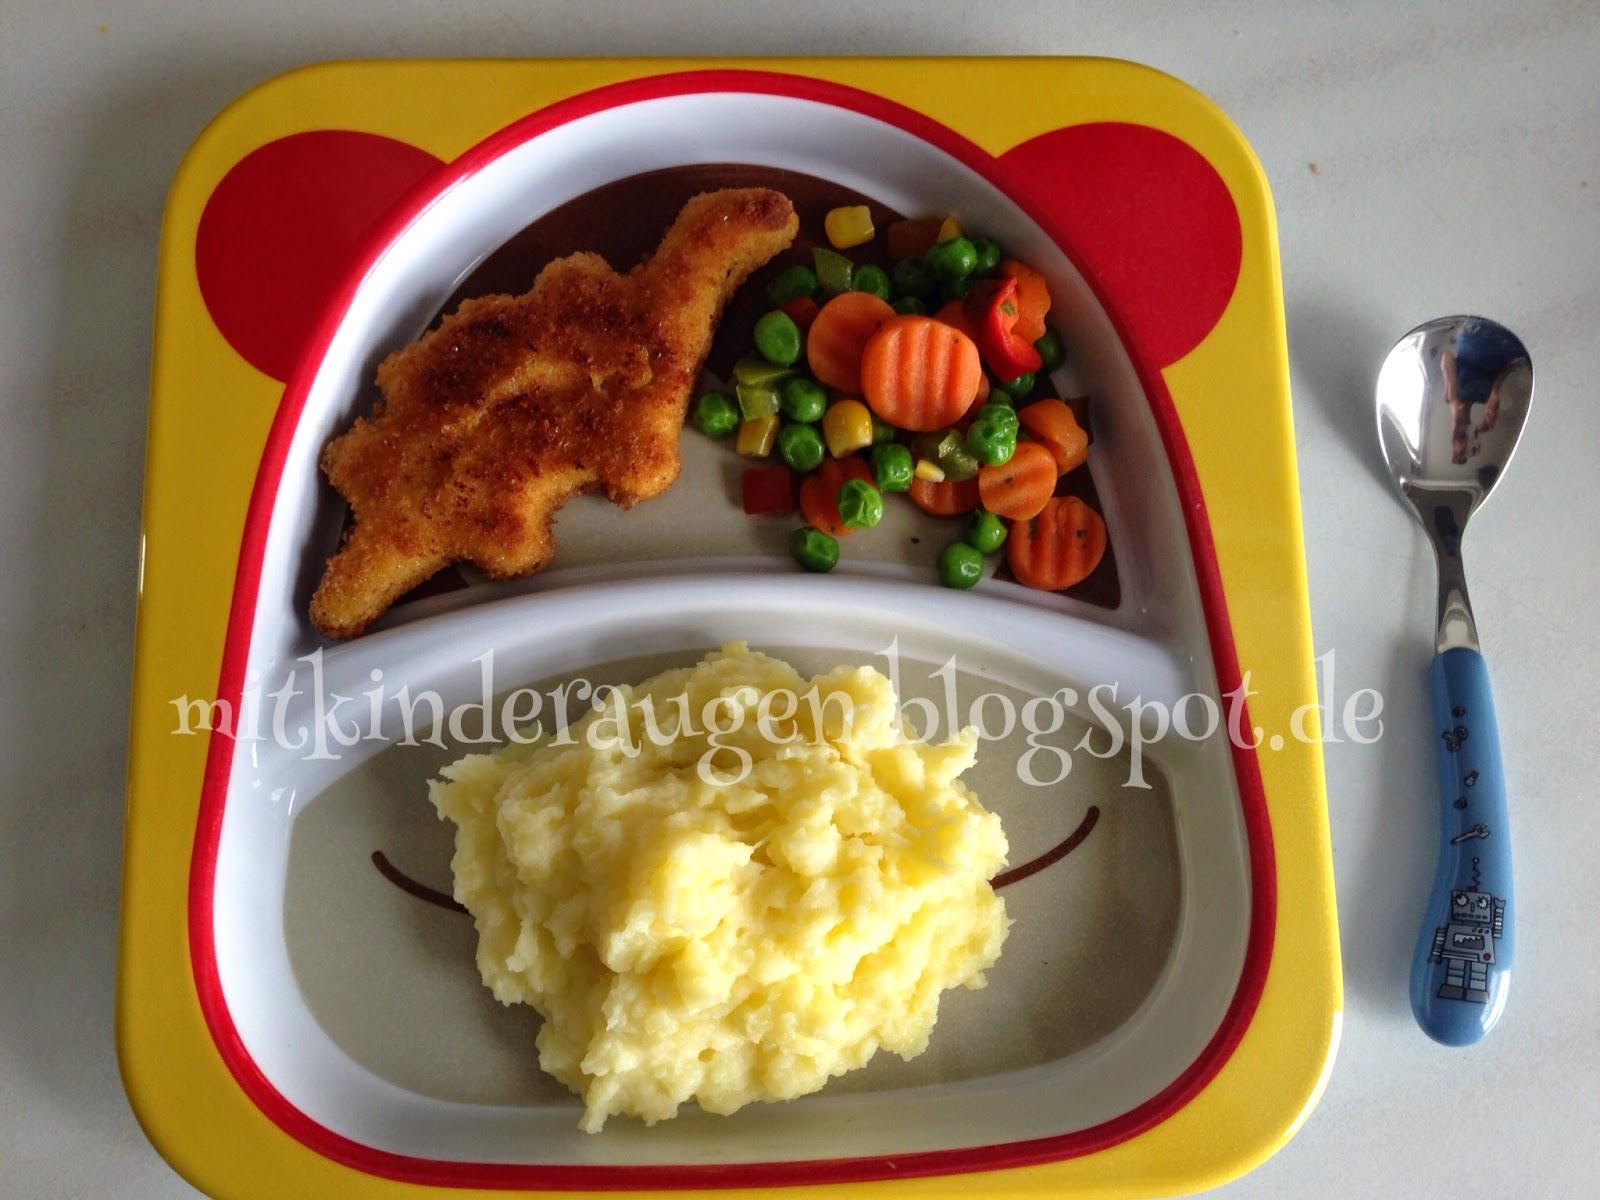 Skip Hop Teller mit Mittagessen